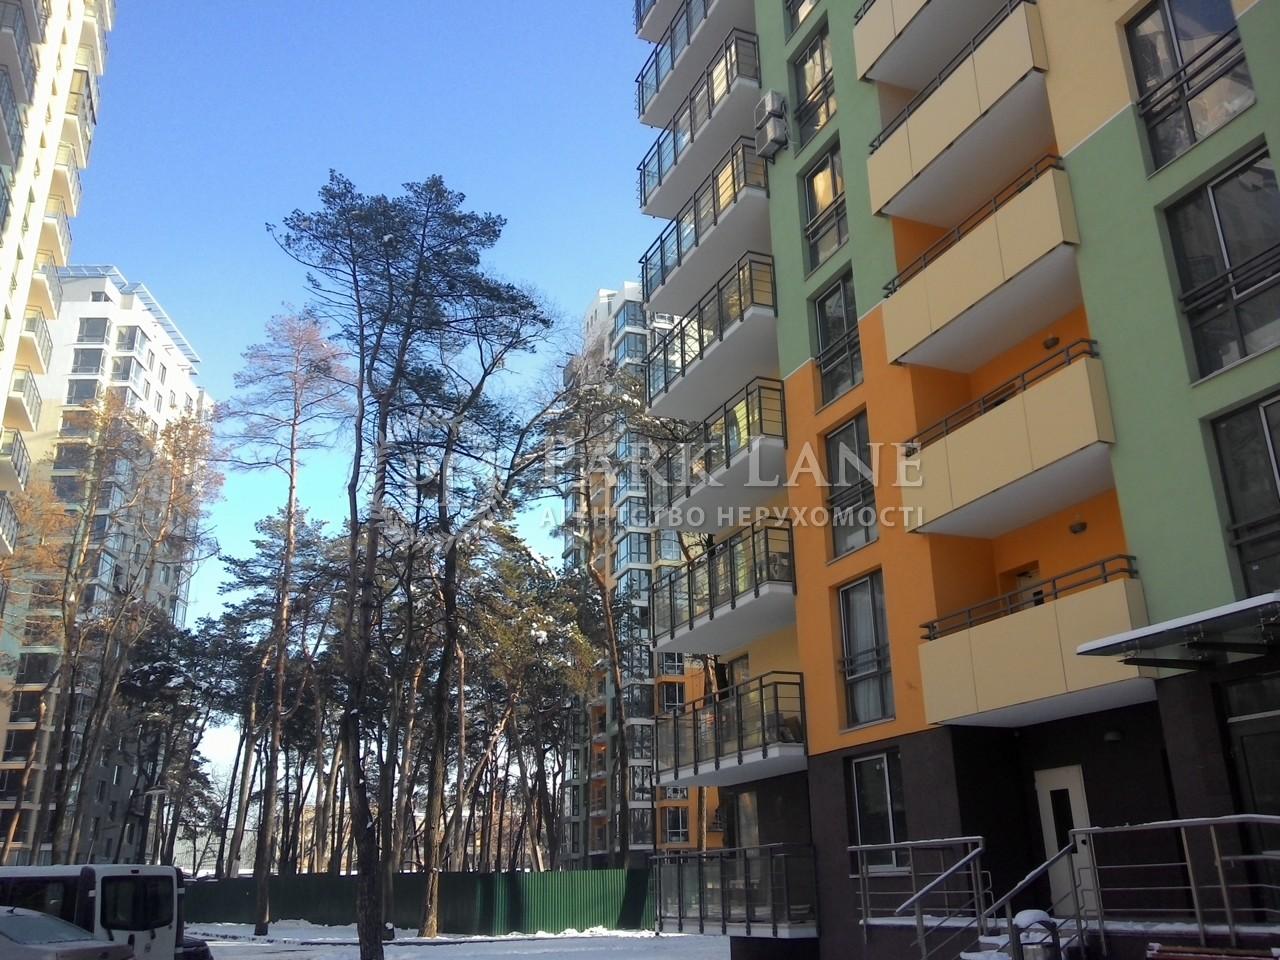 Квартира ул. Петрицкого Анатолия, 21, Киев, D-35290 - Фото 6